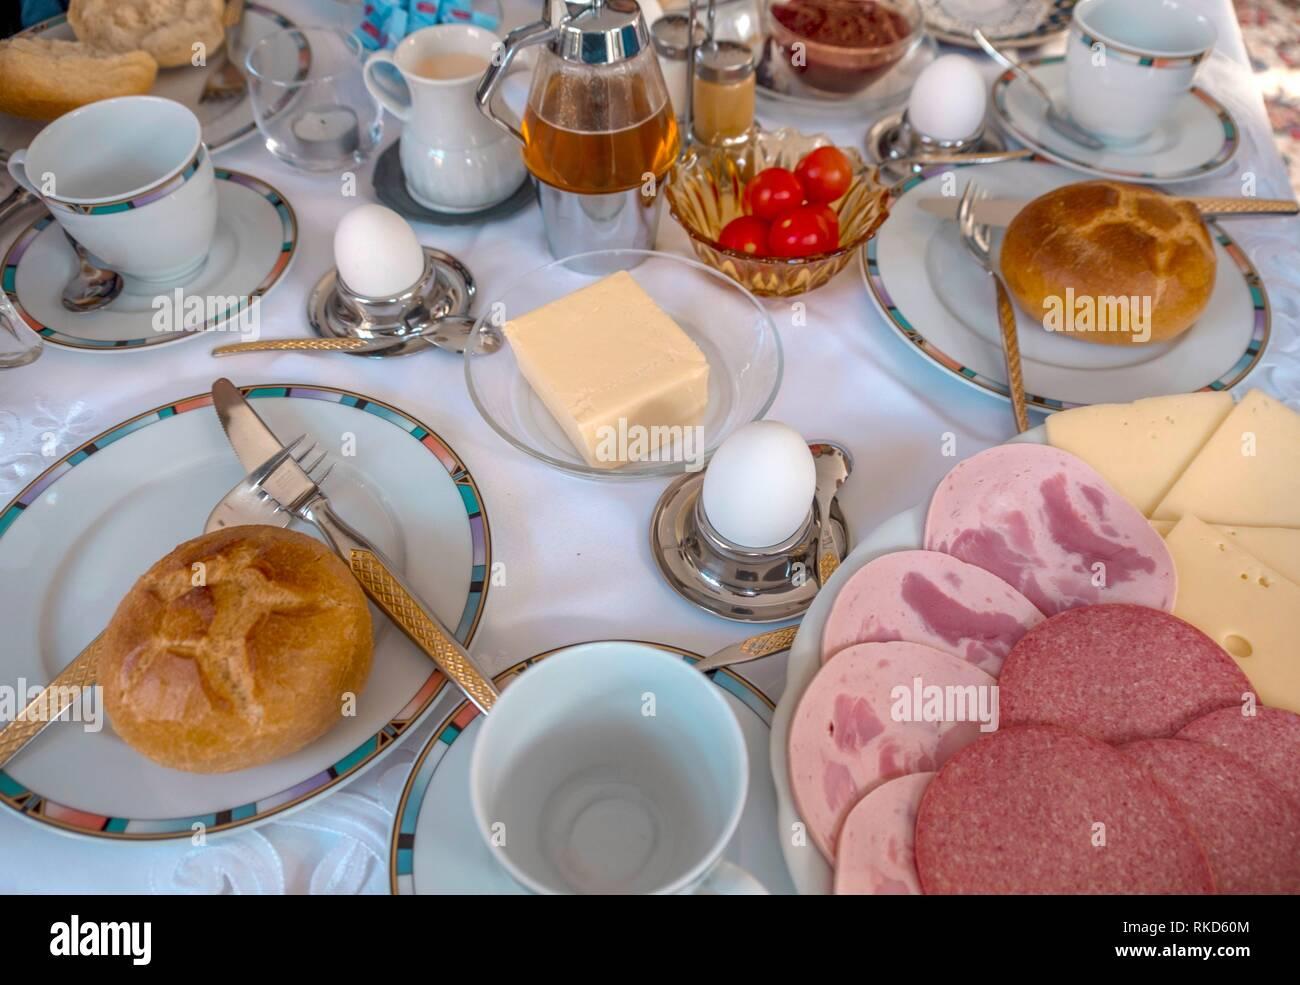 Deutschland, Essen, Frühstück Tabelle. Stockbild